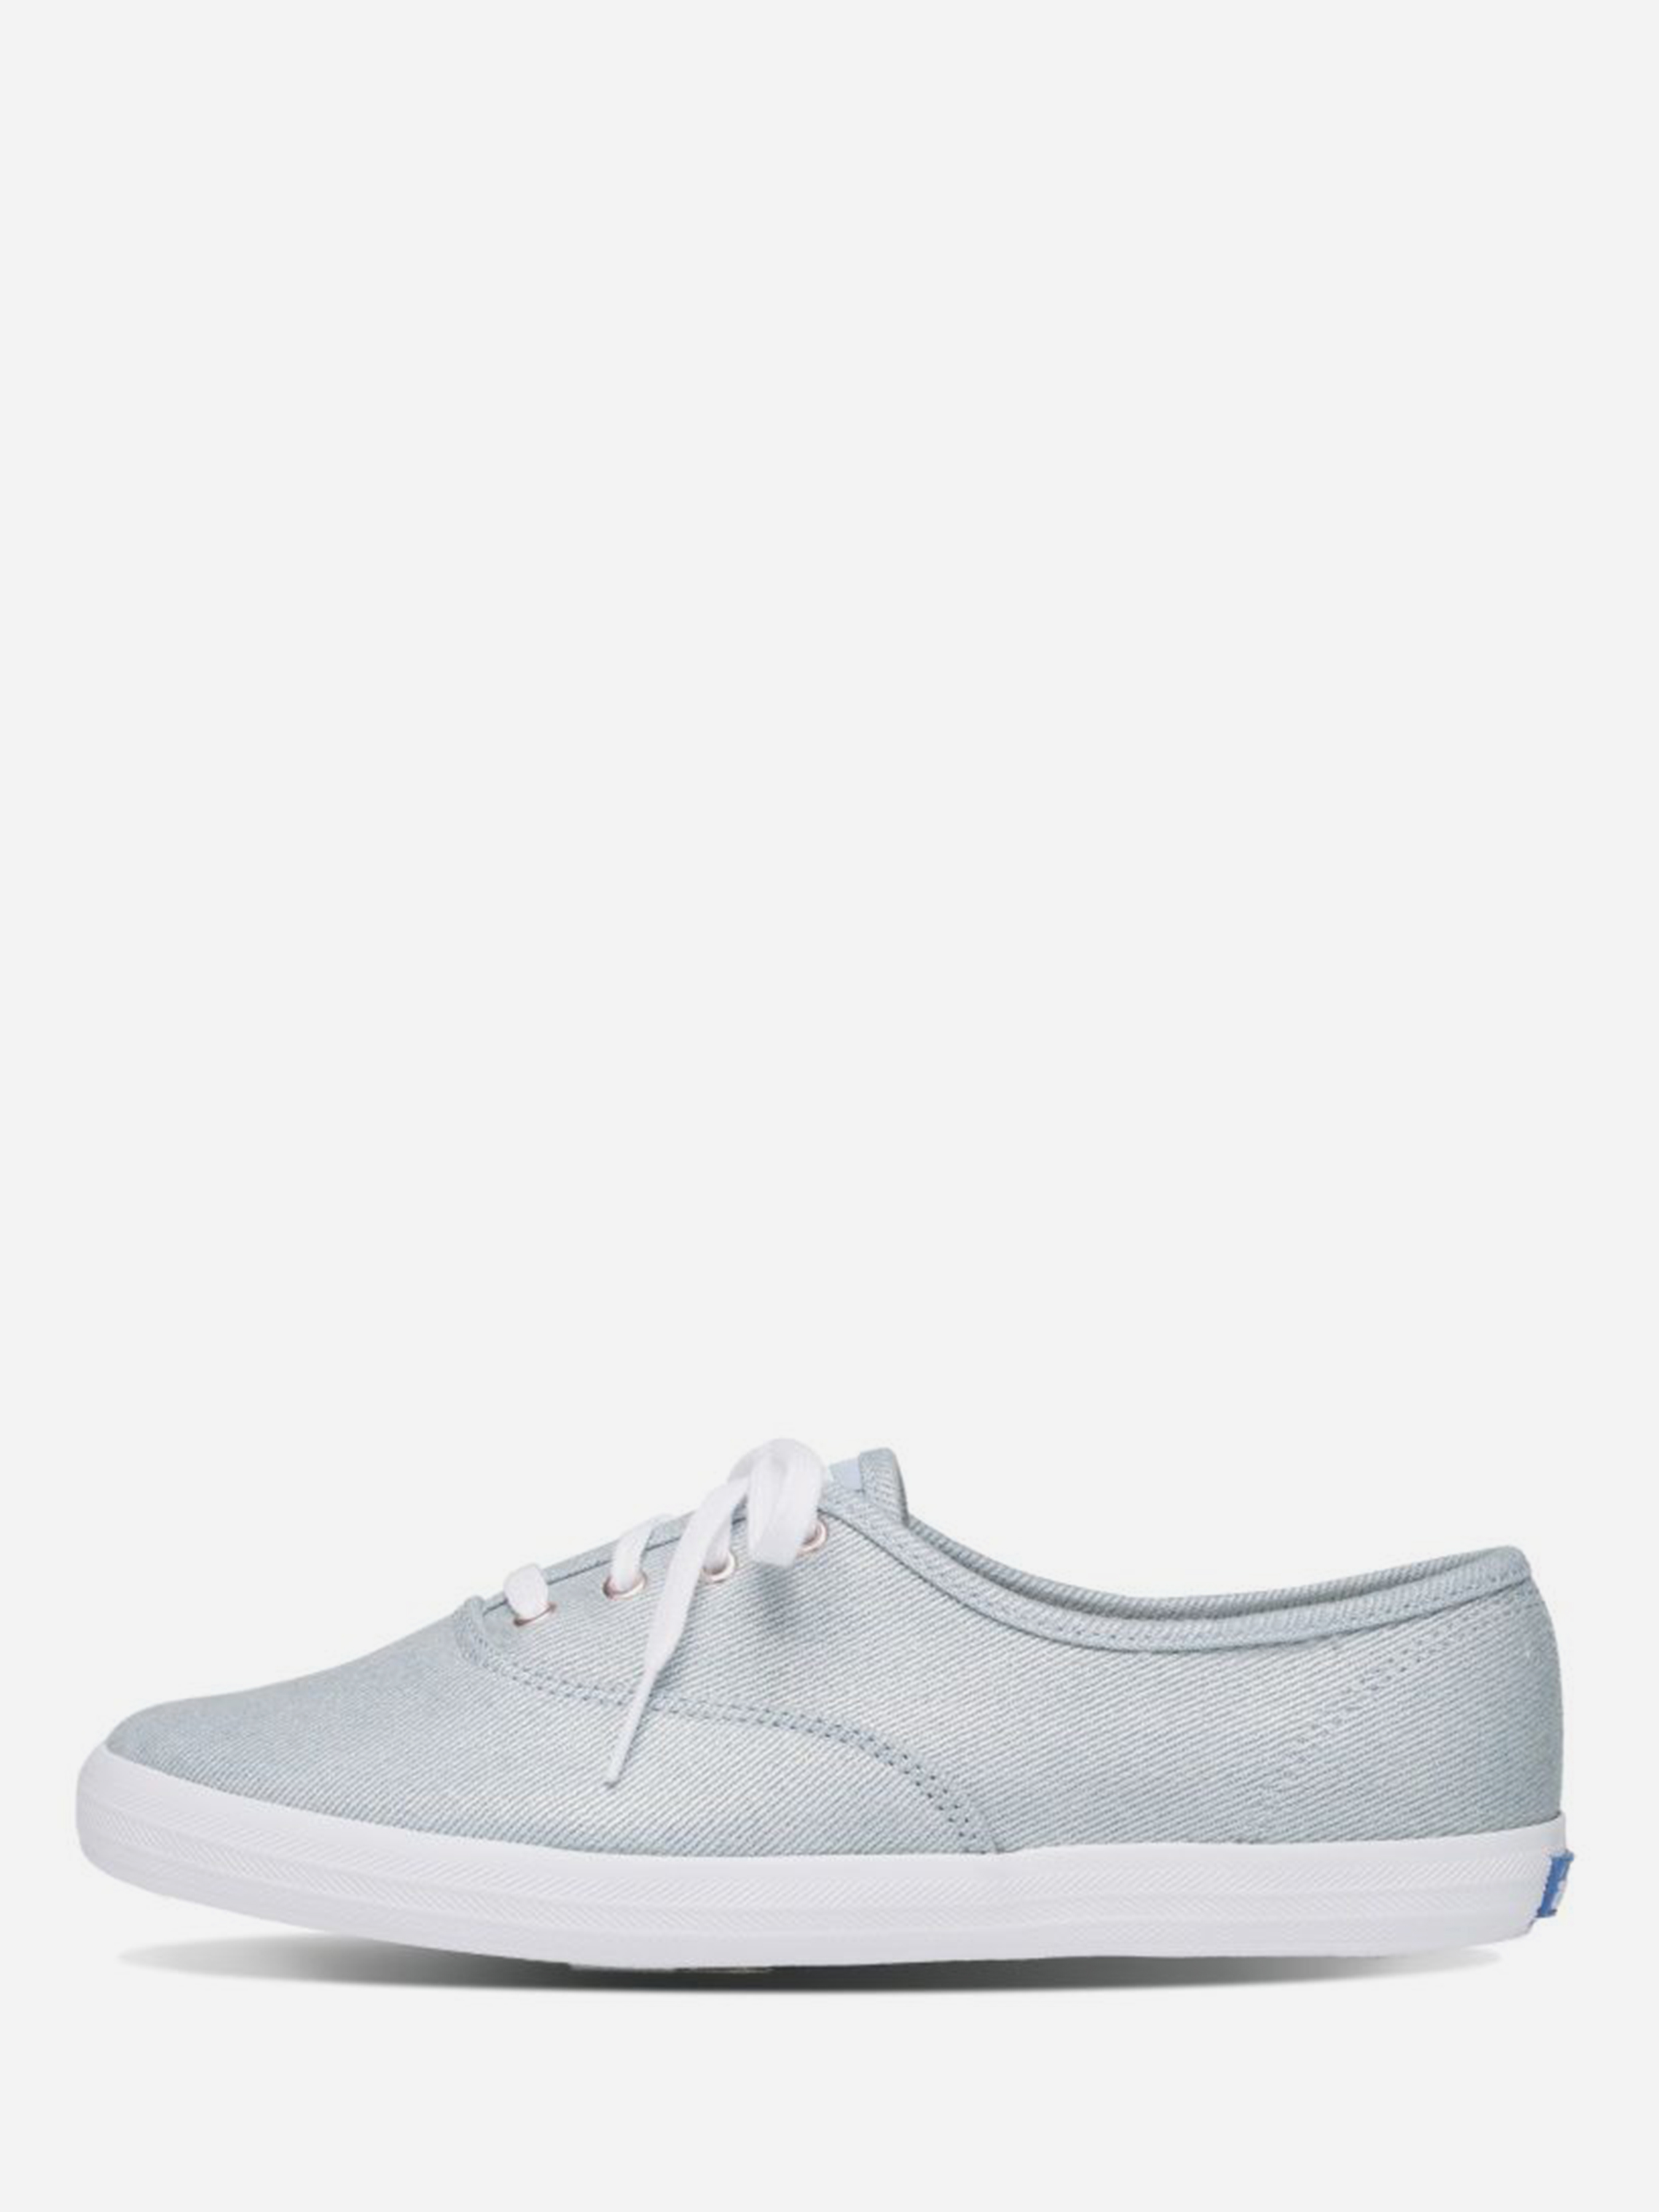 Кеды женские KEDS CHAMPION KD304 размерная сетка обуви, 2017